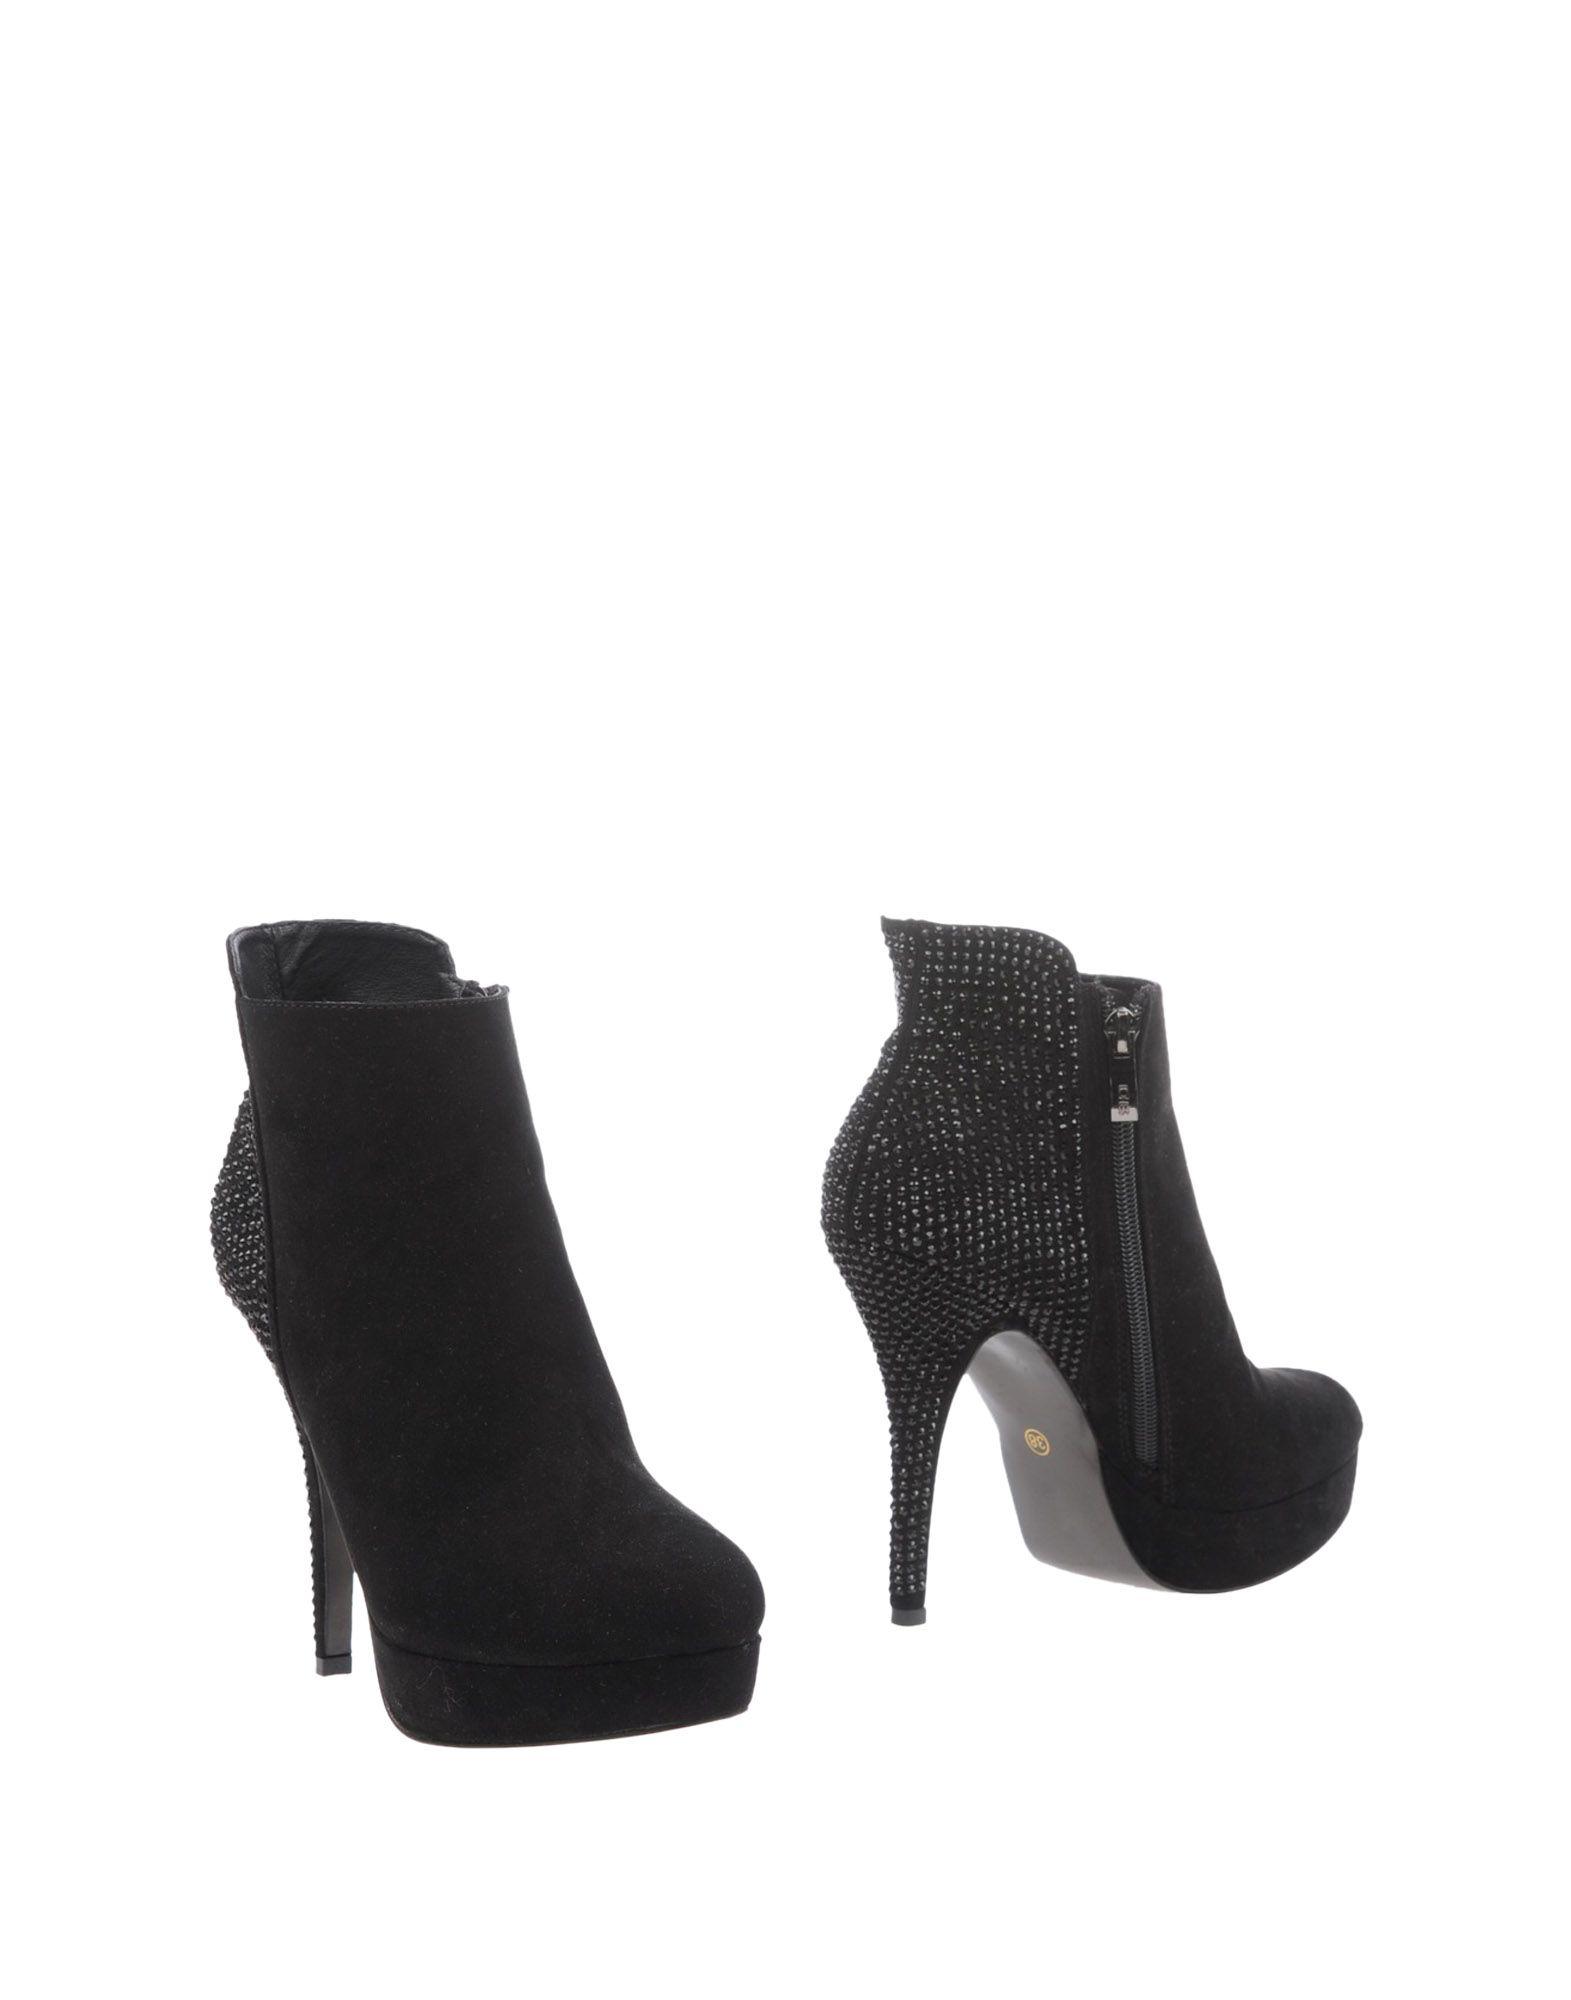 O6 The Gold Edition Stiefelette Damen  11222526RL Gute Qualität beliebte Schuhe